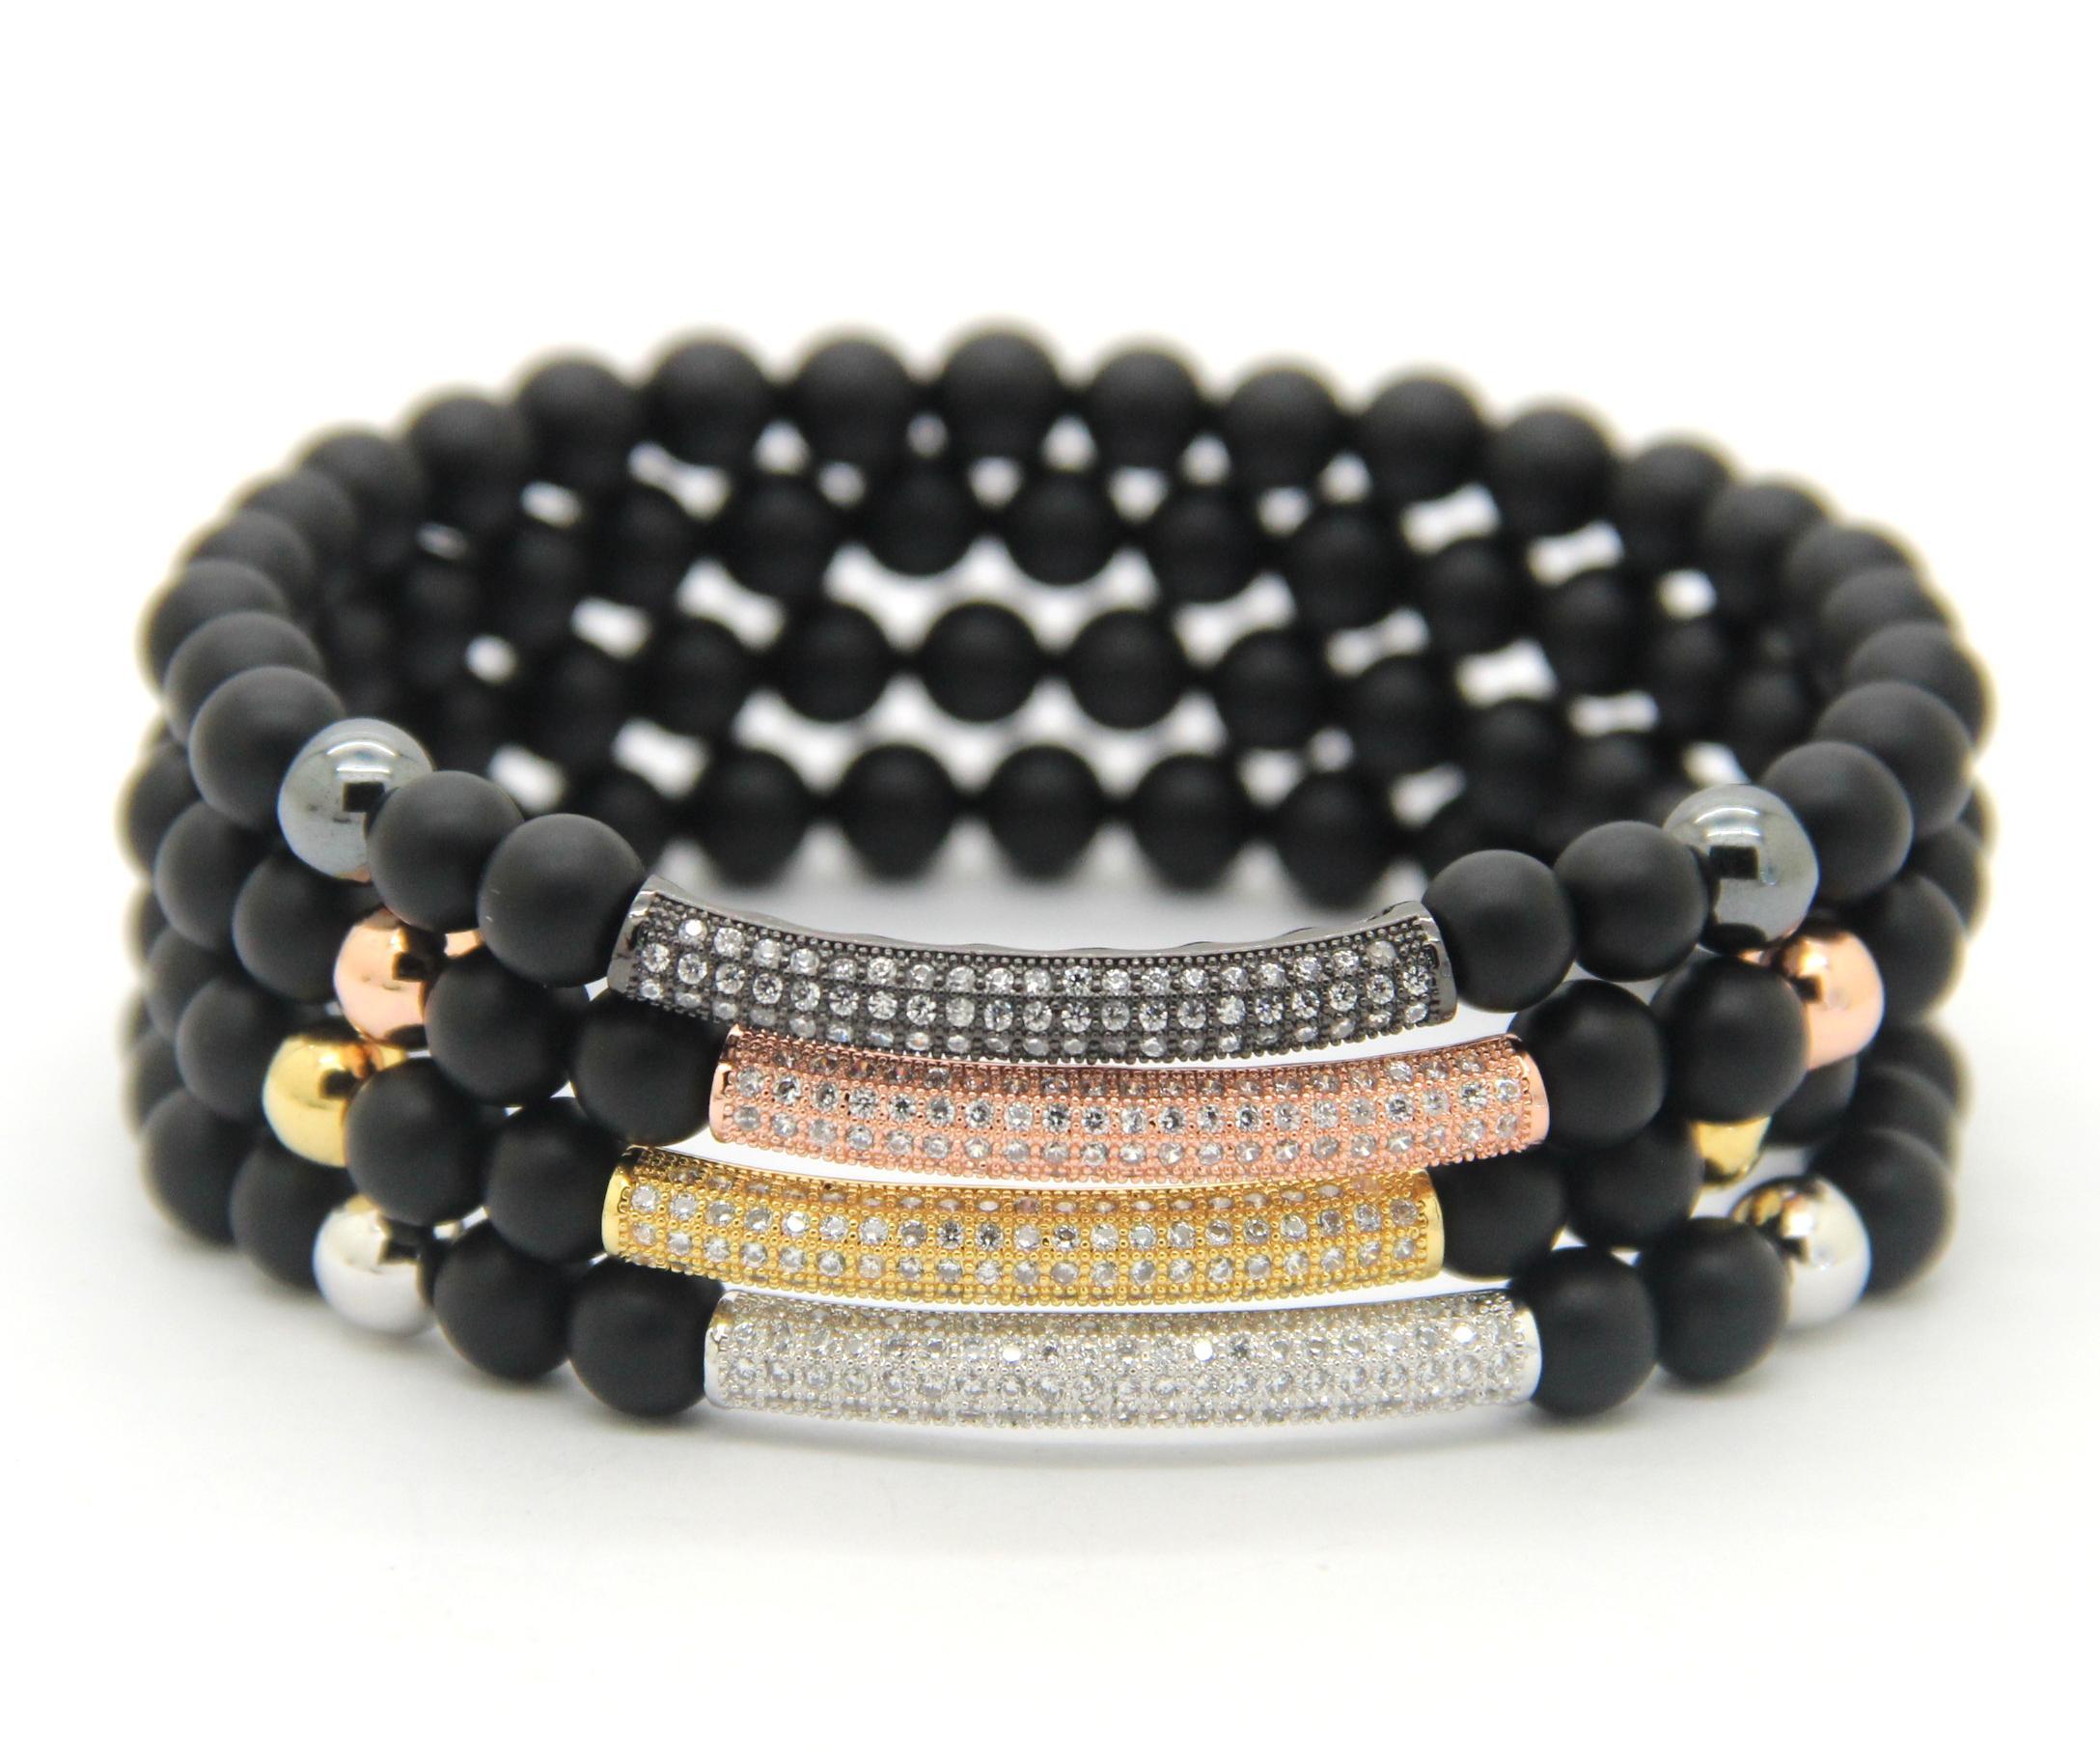 2016 Nouveau Mode Hommes Femmes Bijoux En Gros 6mm Naturel Mat Agate CZ Micro incrusté zircon perles Tube Perlé Stretch Bracelets